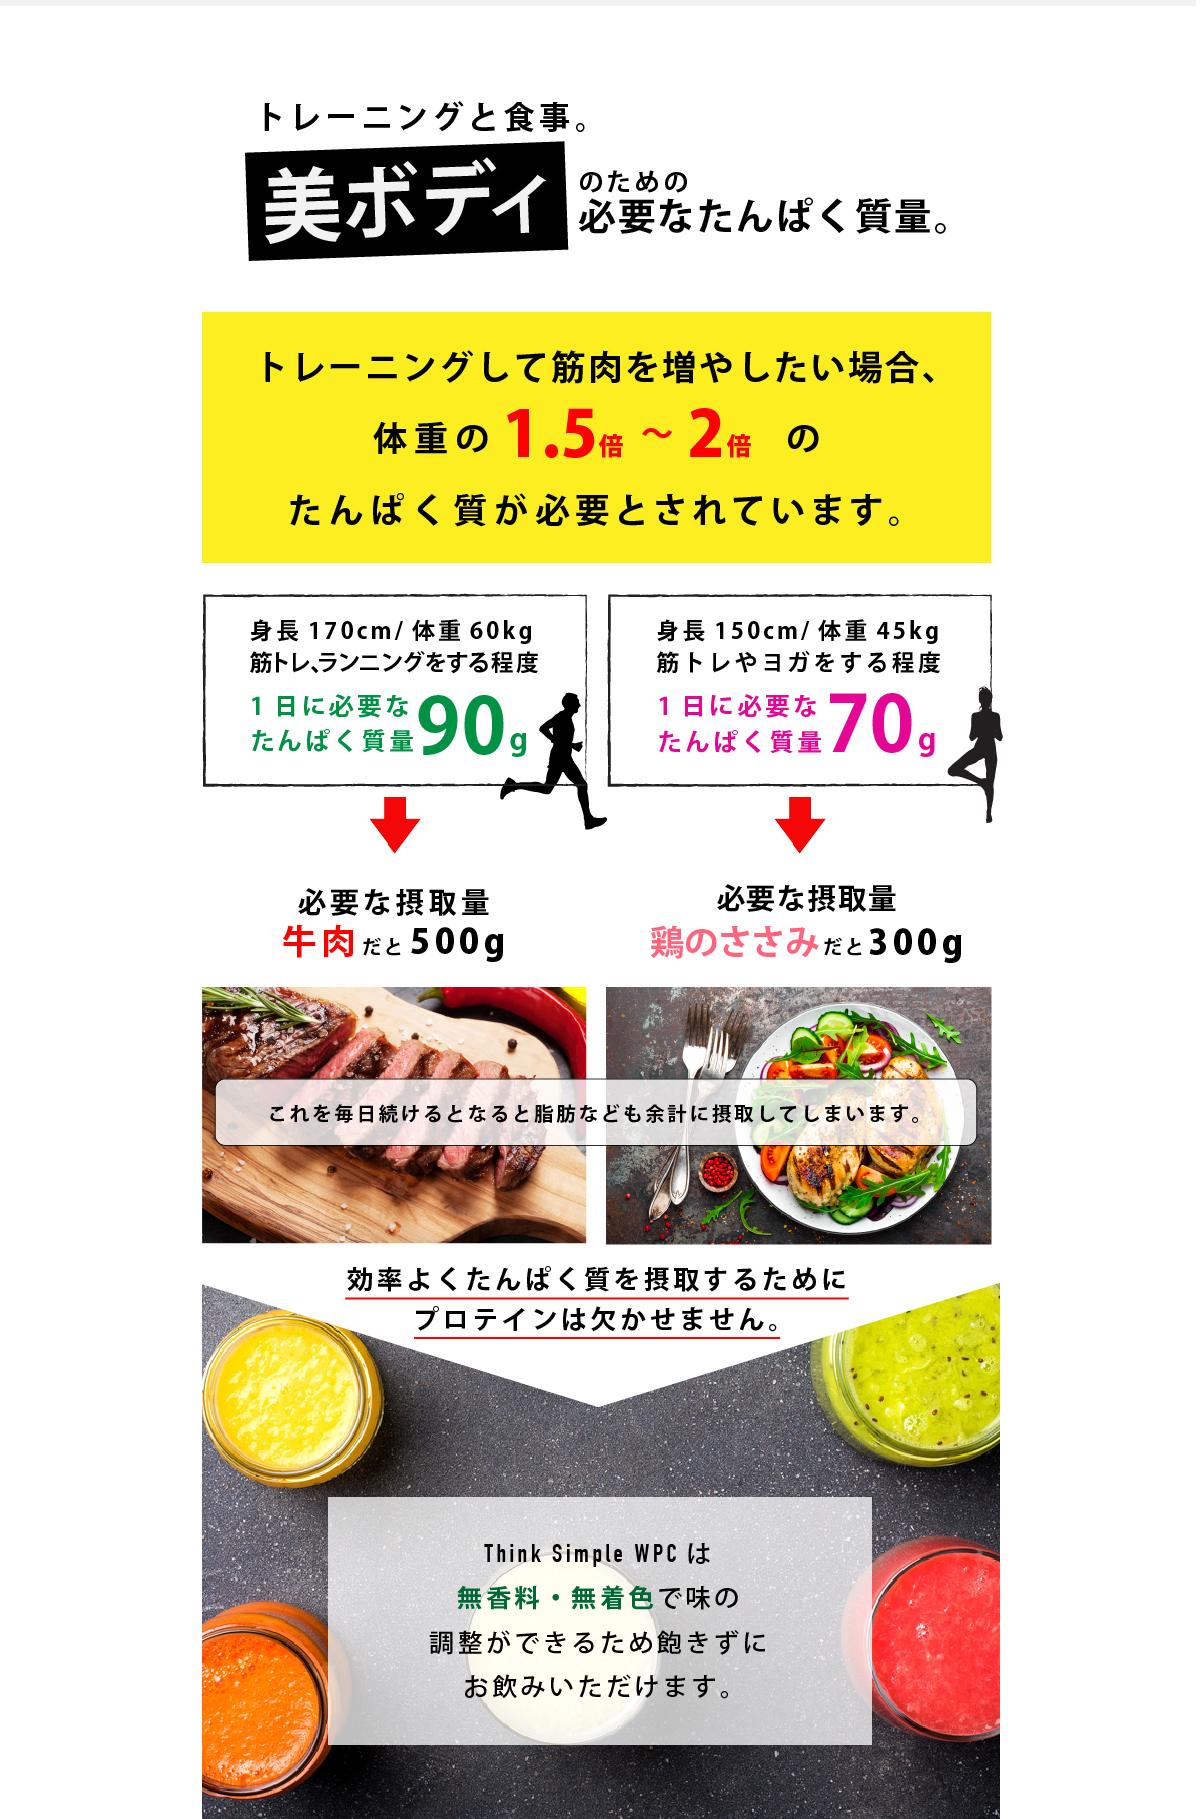 適度な運動と栄養